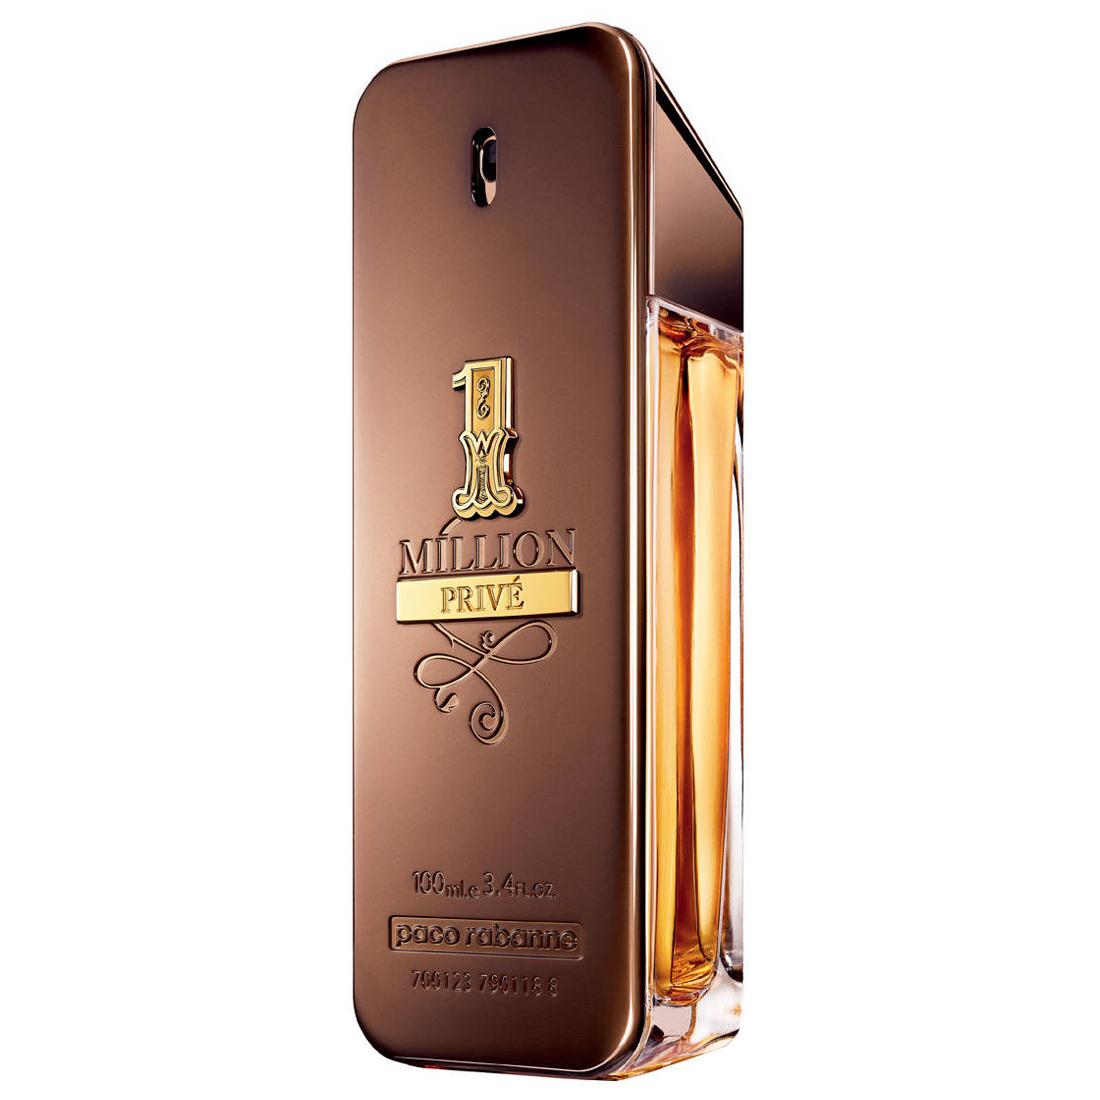 1 Million Privé Eau de Parfum - Paco Rabanne